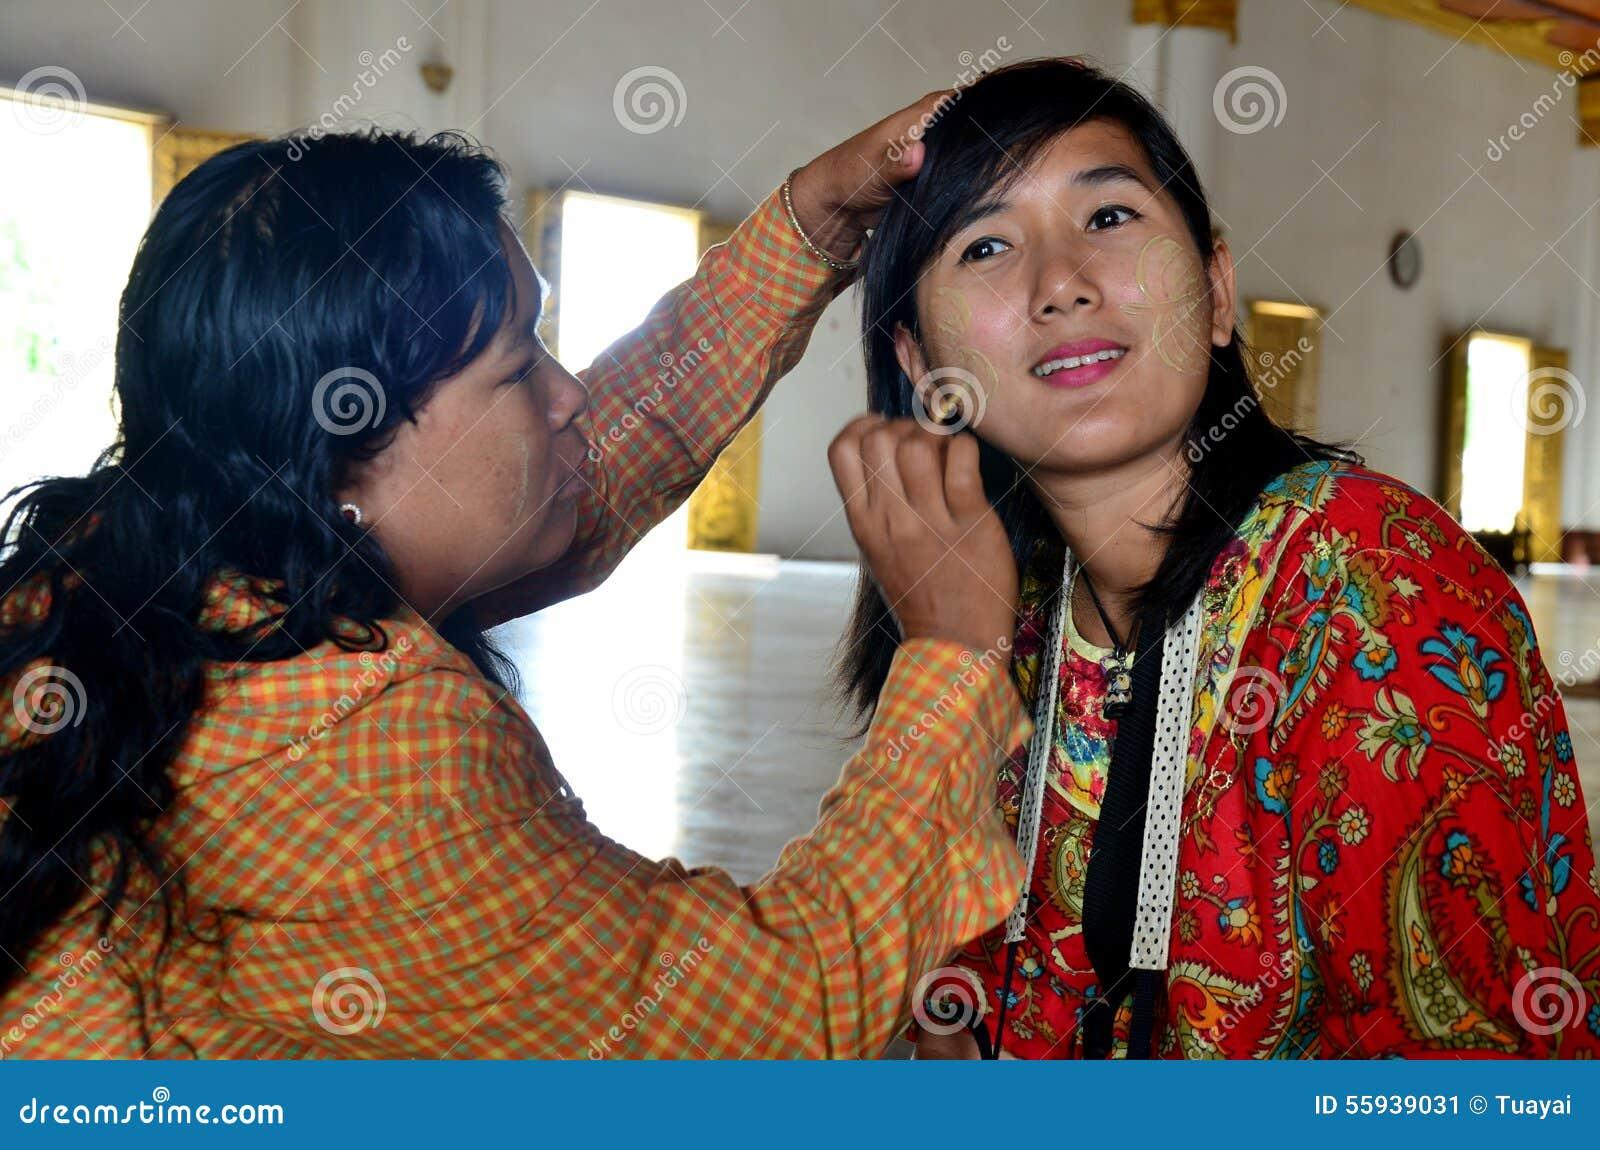 maquillage femme birmane